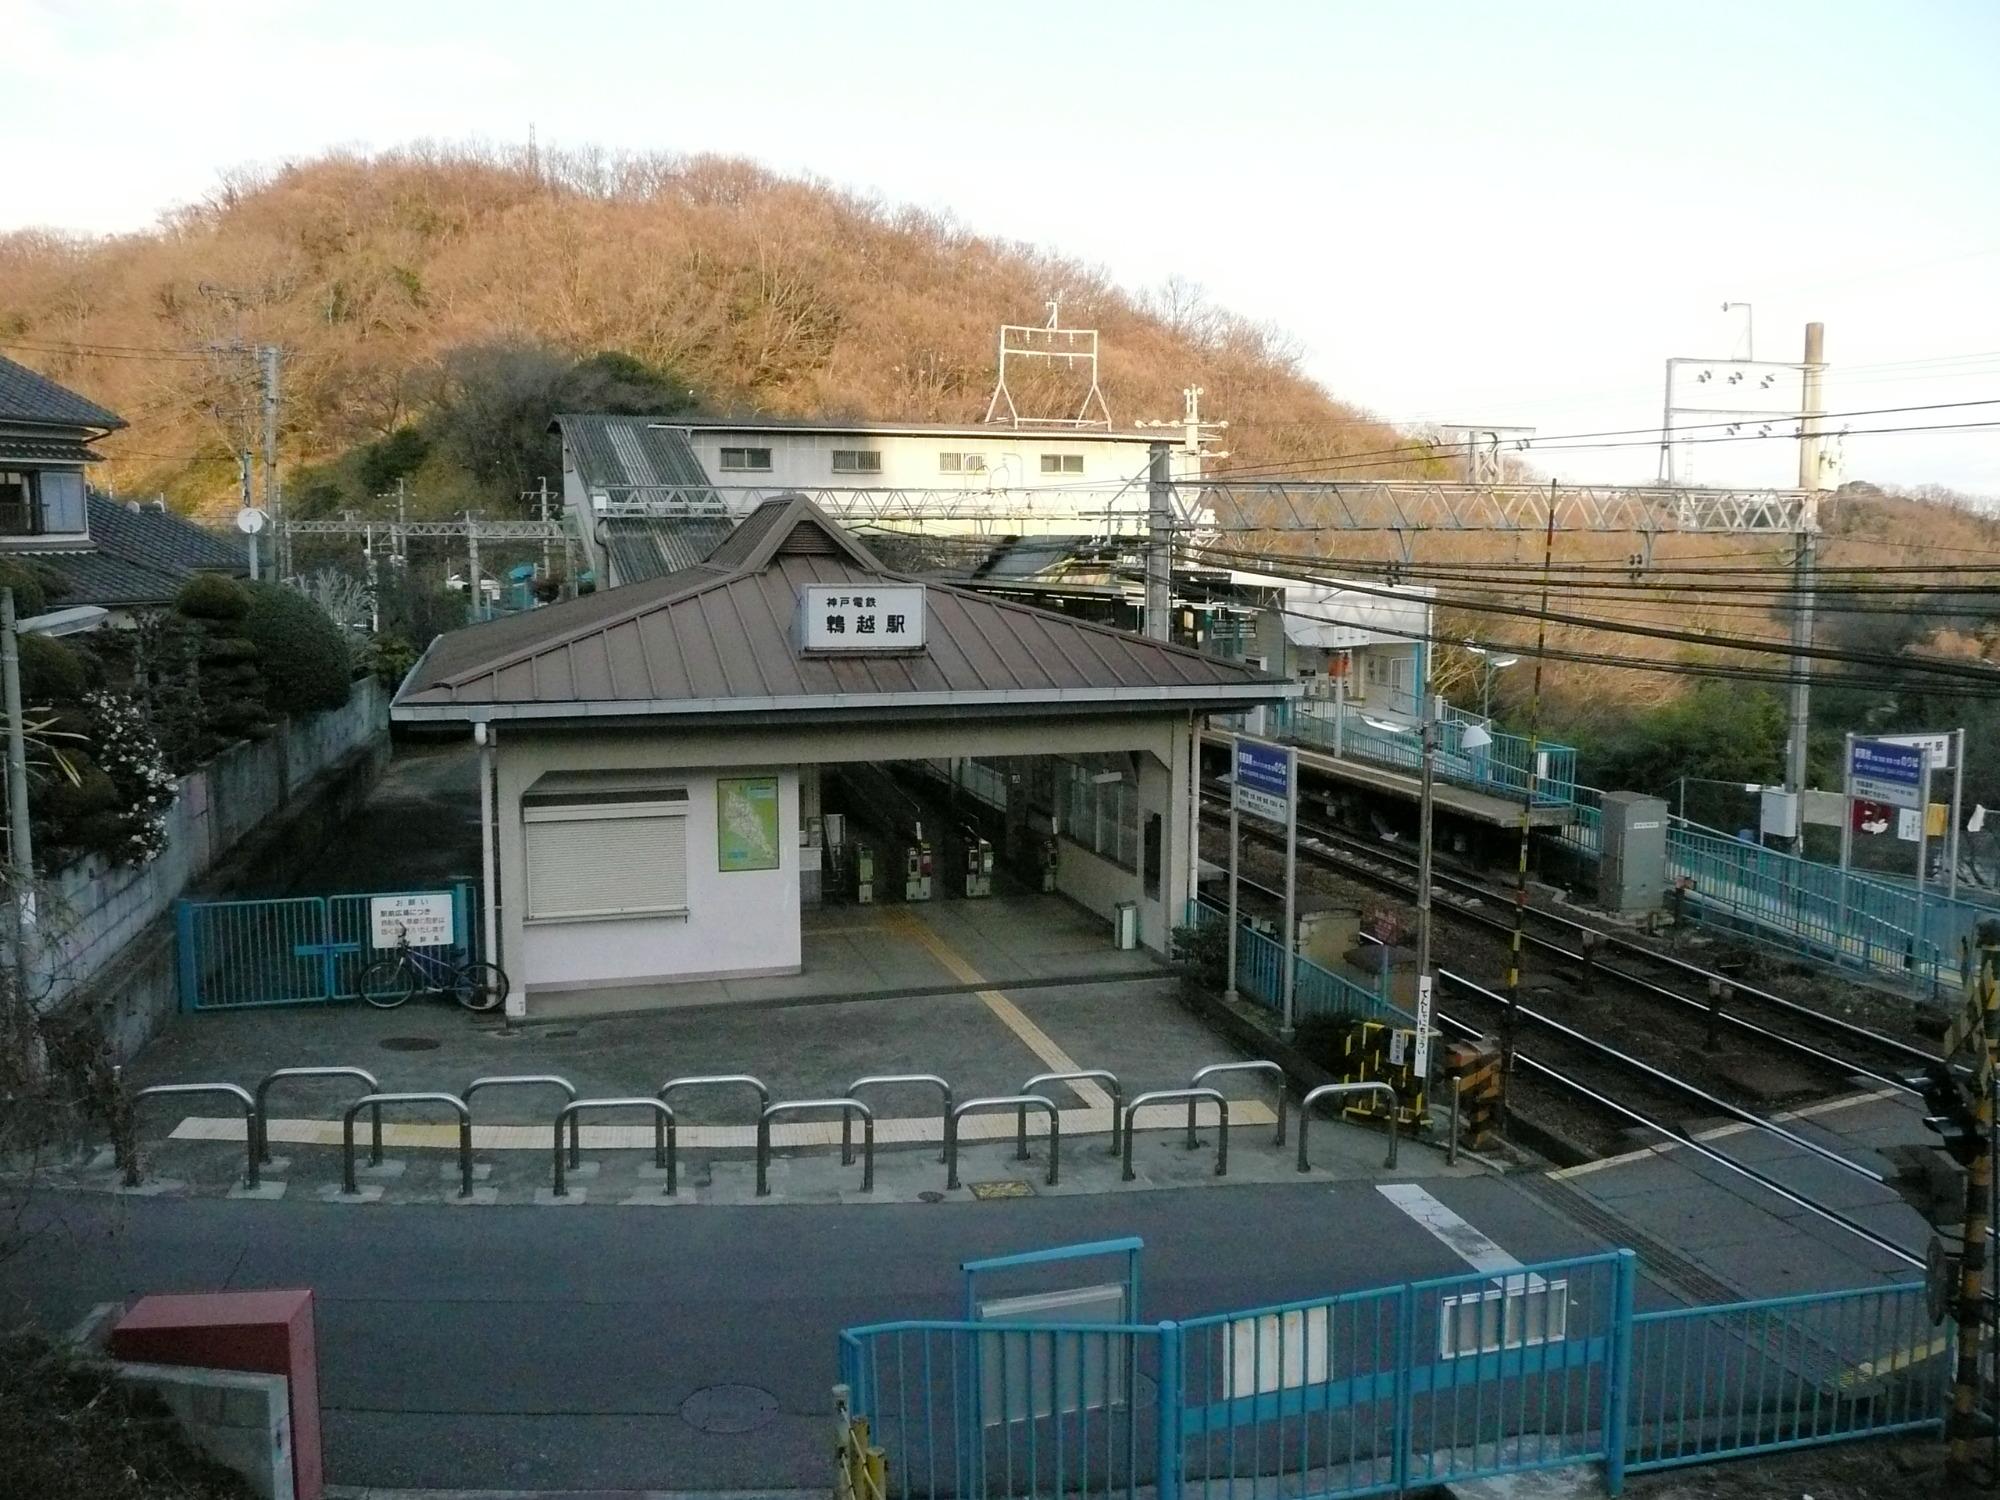 https://upload.wikimedia.org/wikipedia/commons/4/46/Hiyodorigoe_Station.jpg